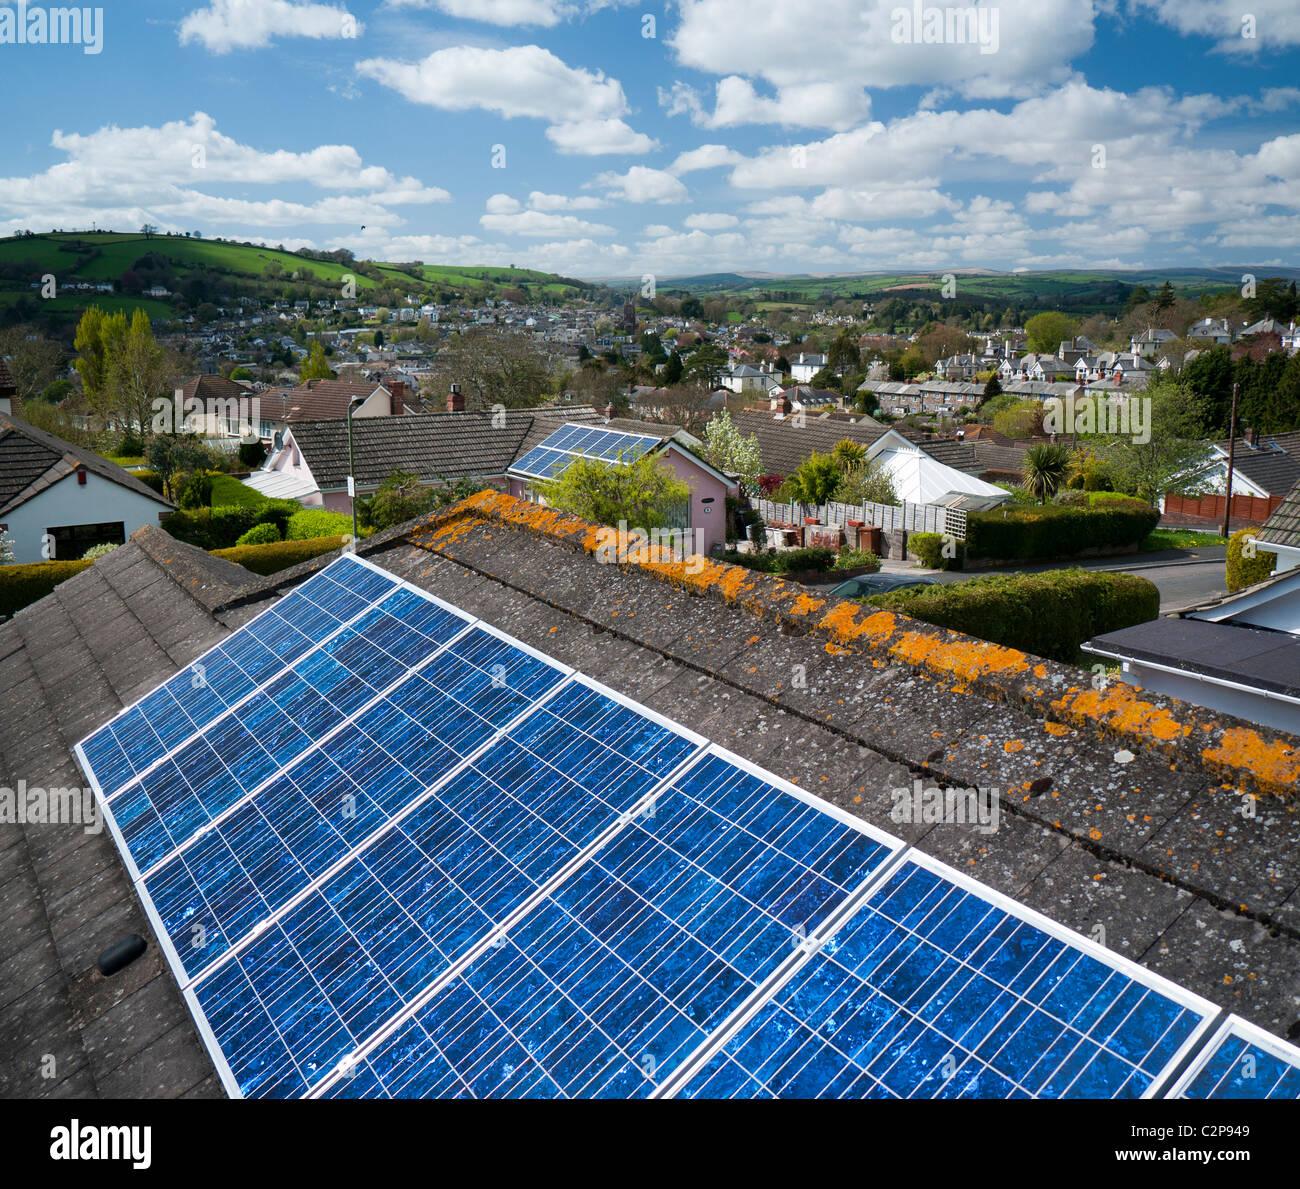 solar-panels-on-a-roof-in-totnes-devon-u